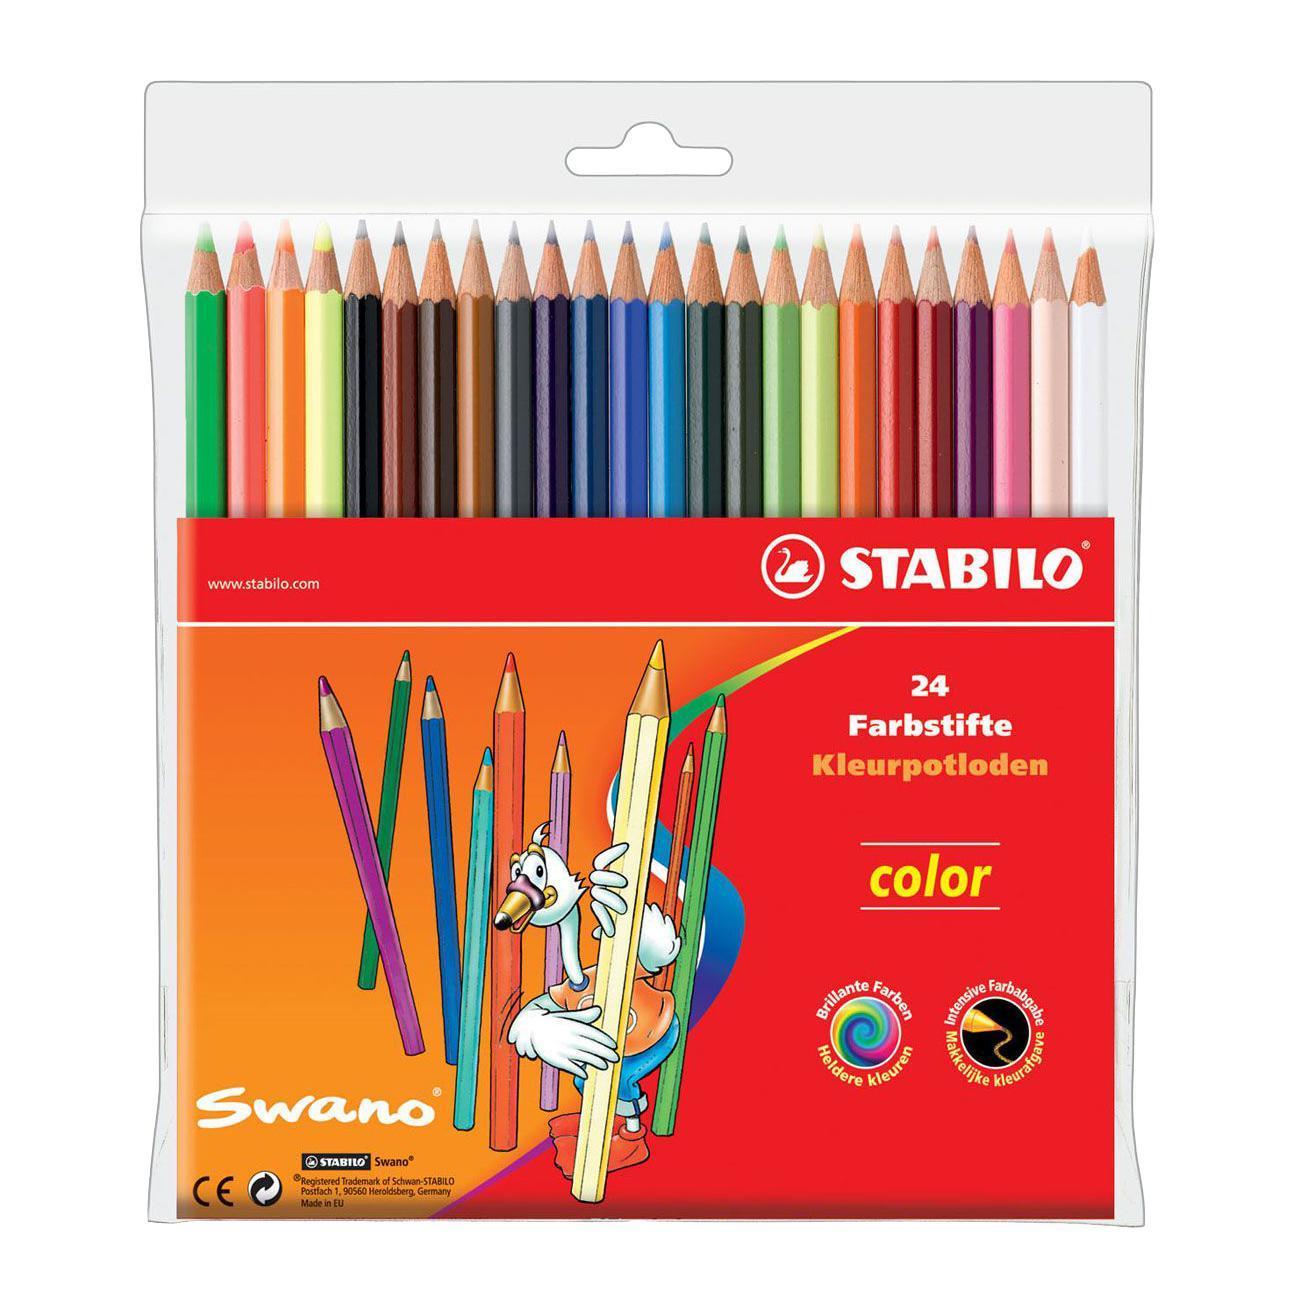 Карандаши цветные Stabilo Color, 24 цвета1224-77-01Цветные карандаши STABILO color шестигранной формы. Широкая гамма цветов, которые отлично смешиваются и позволяют создавать огромное количество оттенков. Насыщенные цвета имеют высокую светостойкость. Мягкий грифель легко рисует на бумаге, не царапая ее и не крошась. Карандаши не ломаются при рисовании и затачивании. В наборе 20 базовых цветов и 4 флуоресцентных цвета. Характеристики: Материал: дерево. Диаметр карандаша: 0,7 см. Диаметр грифеля: 2,5 мм. Длина карандаша: 17,5 см. Размер упаковки: 18 см х 17,5 см х 1 см. Изготовитель: Германия.